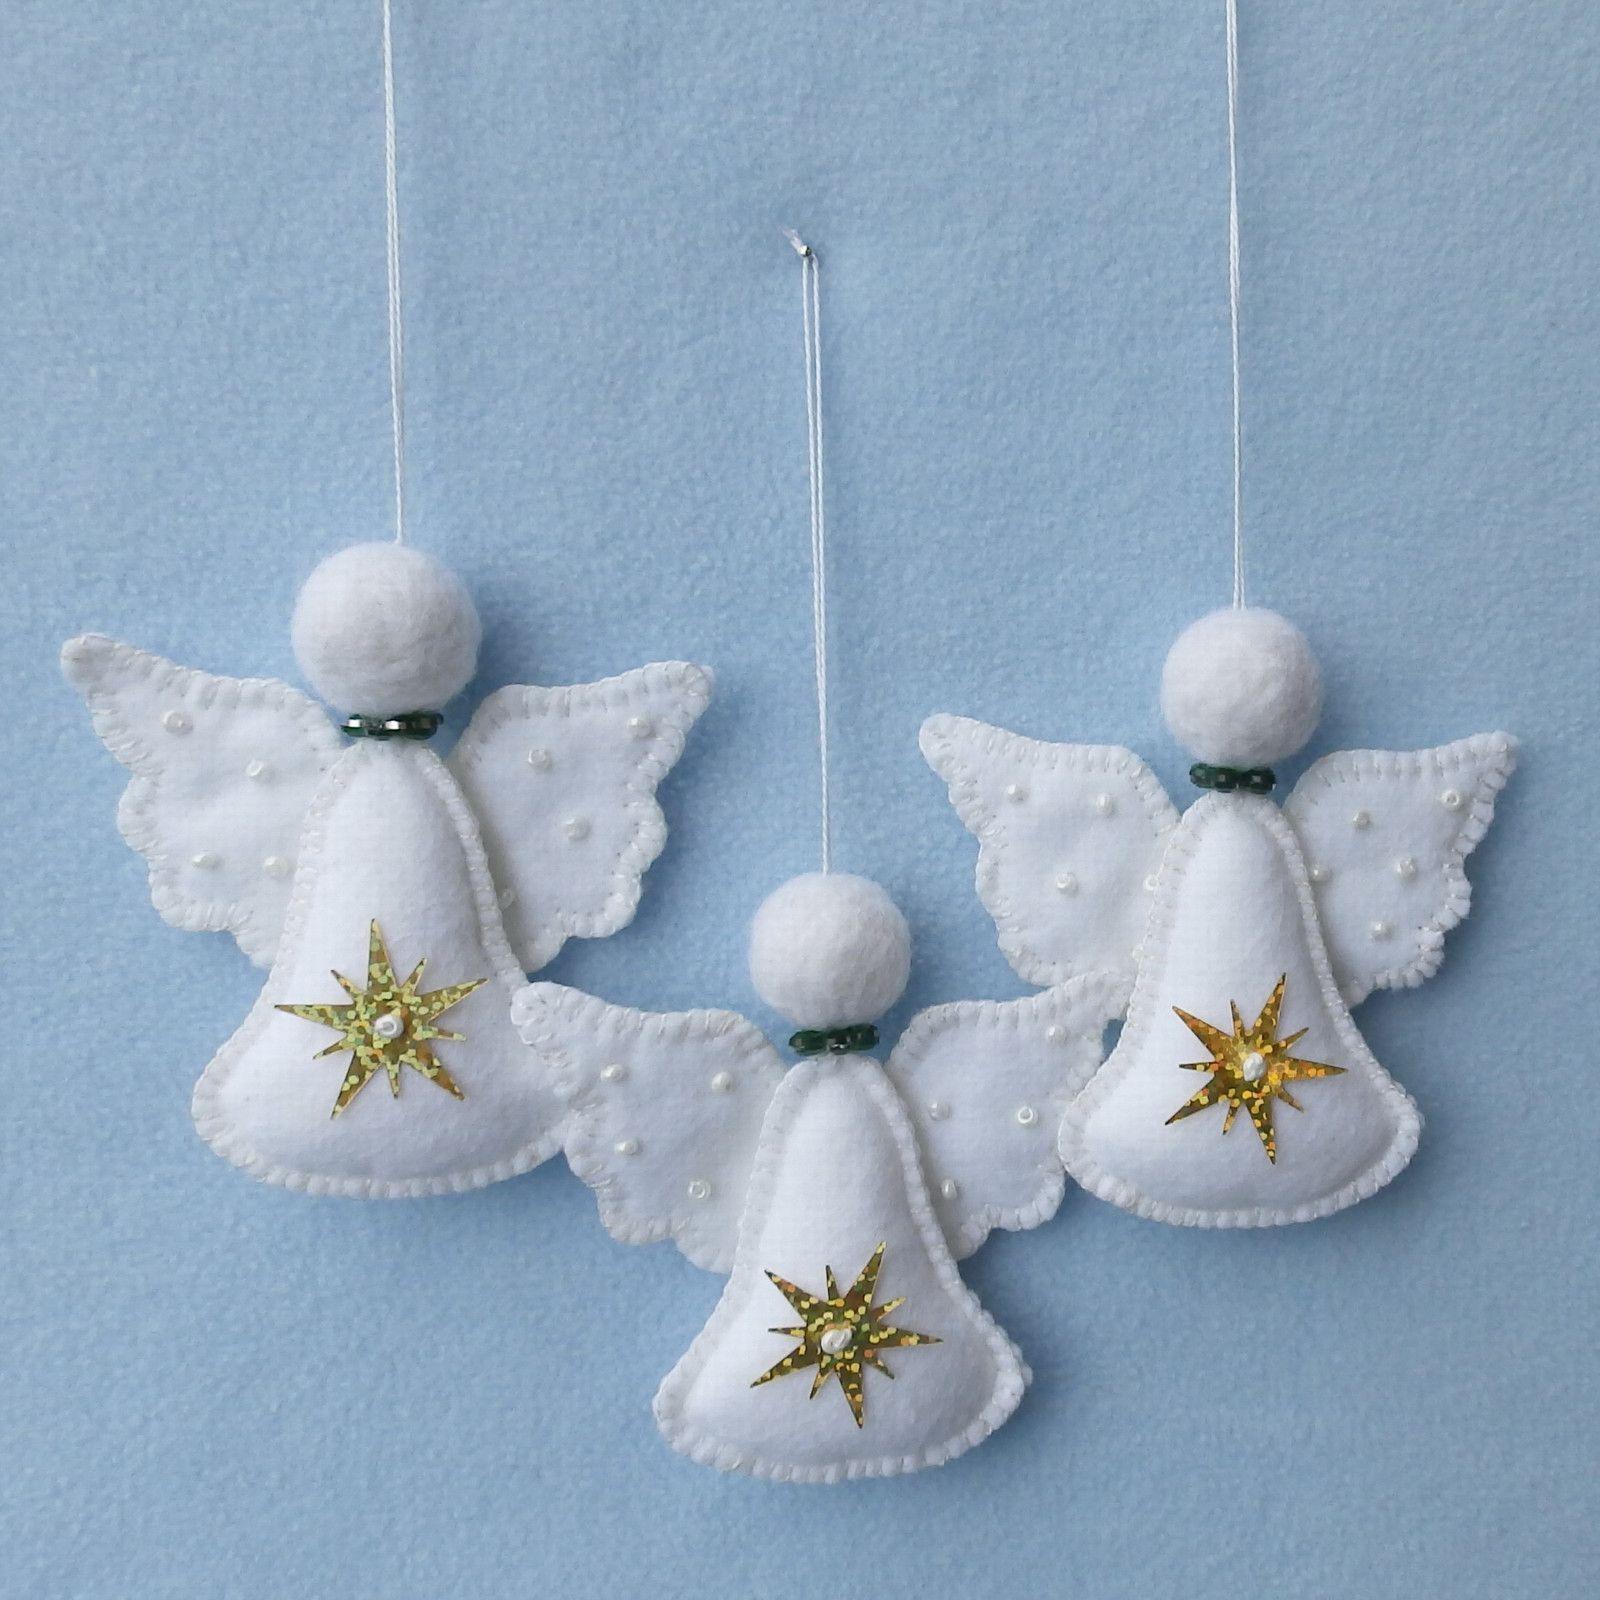 рождественские подвески ангелы картинки сожалению